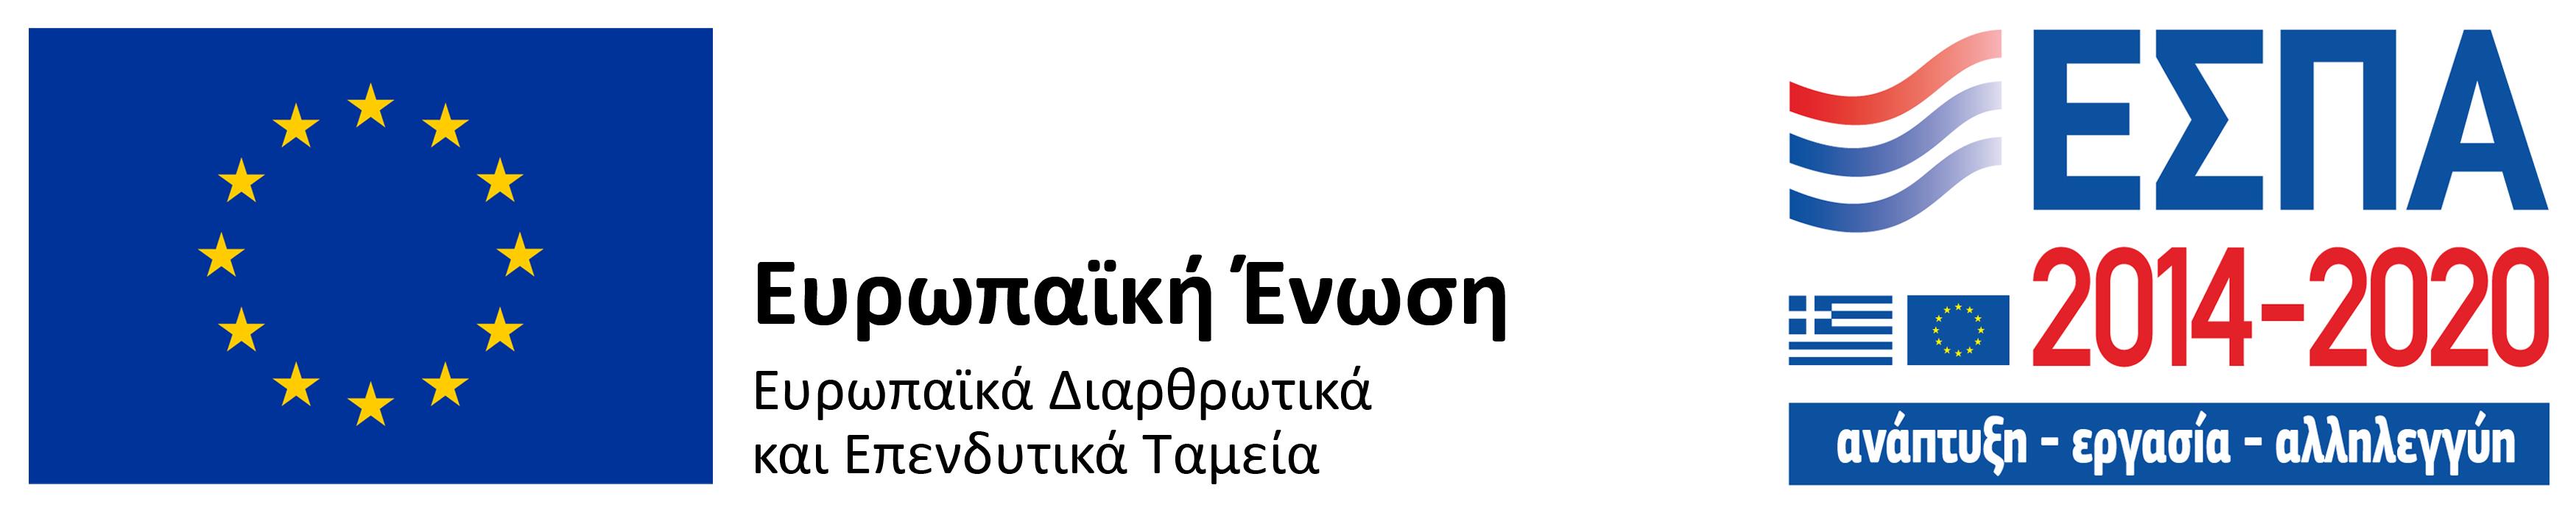 ESPA Sticker 2018-2020